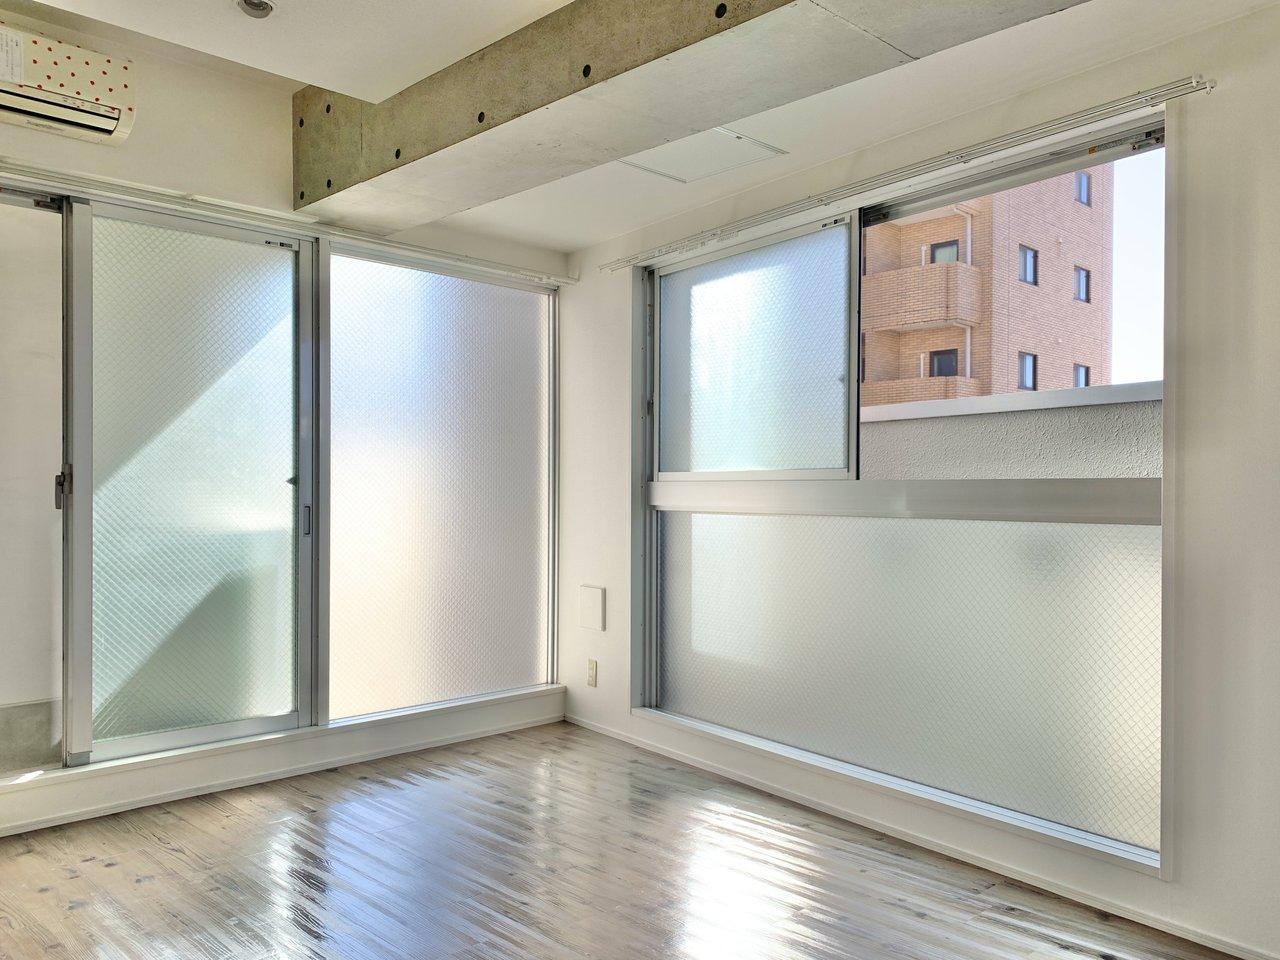 2面に大きな窓があるのも特徴。明るくっていいですね。